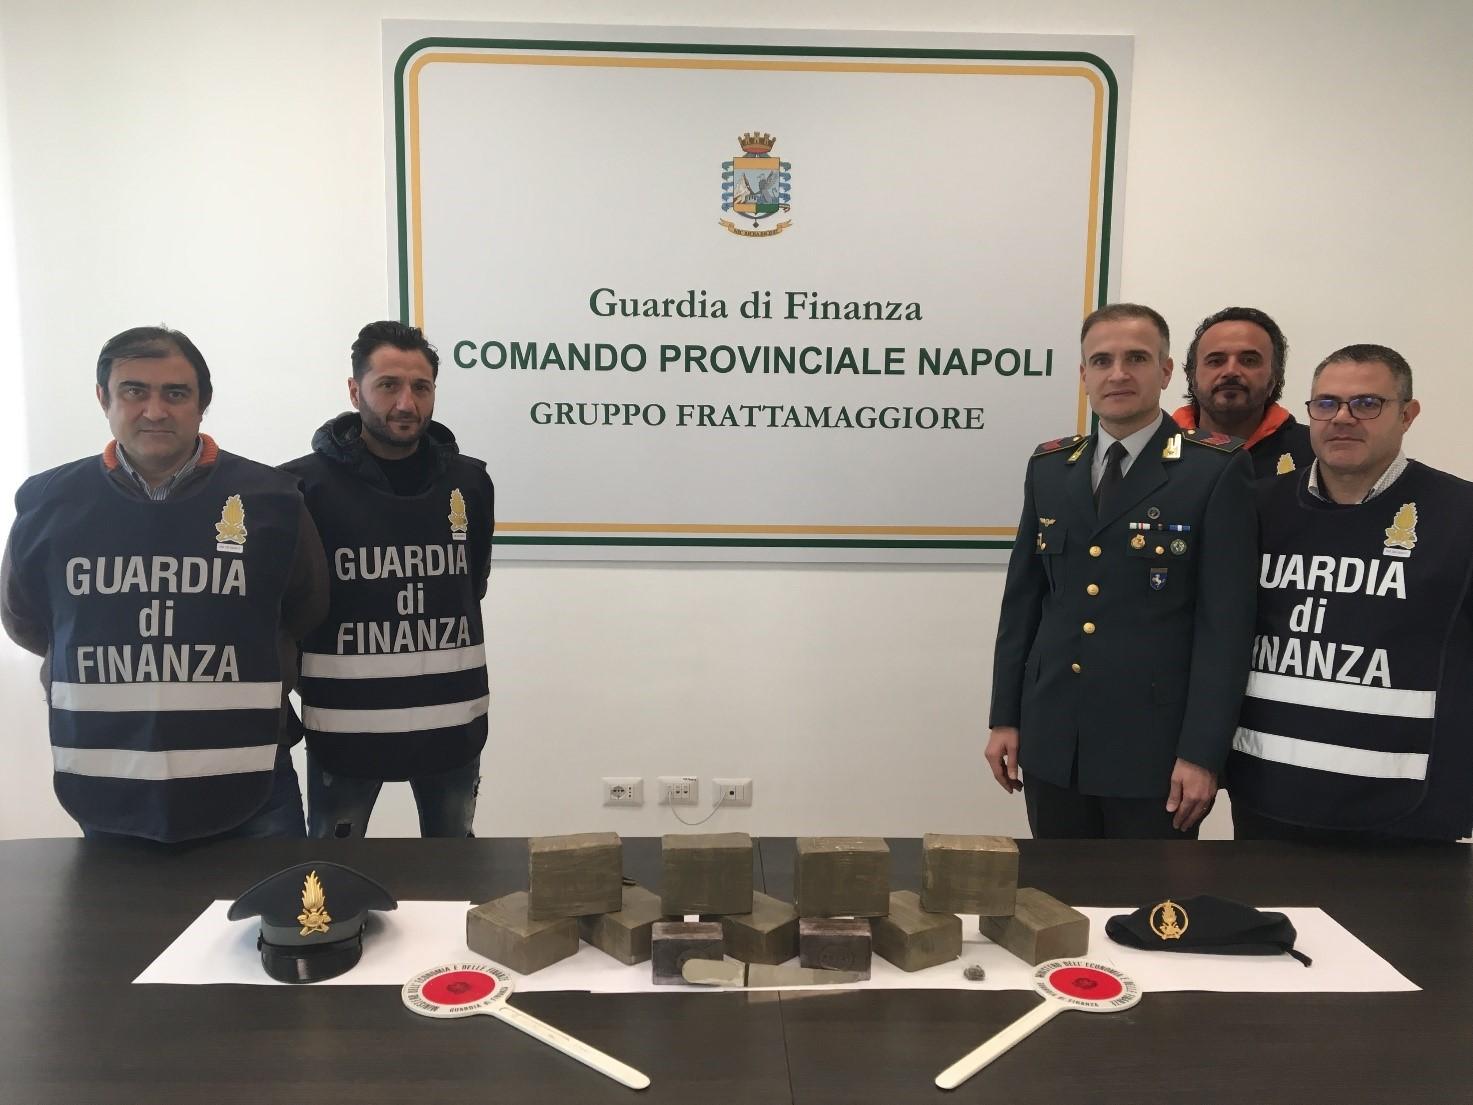 Napoli, Caivano: la guardia di finanza sequestra 10 chili di hashish, un arresto